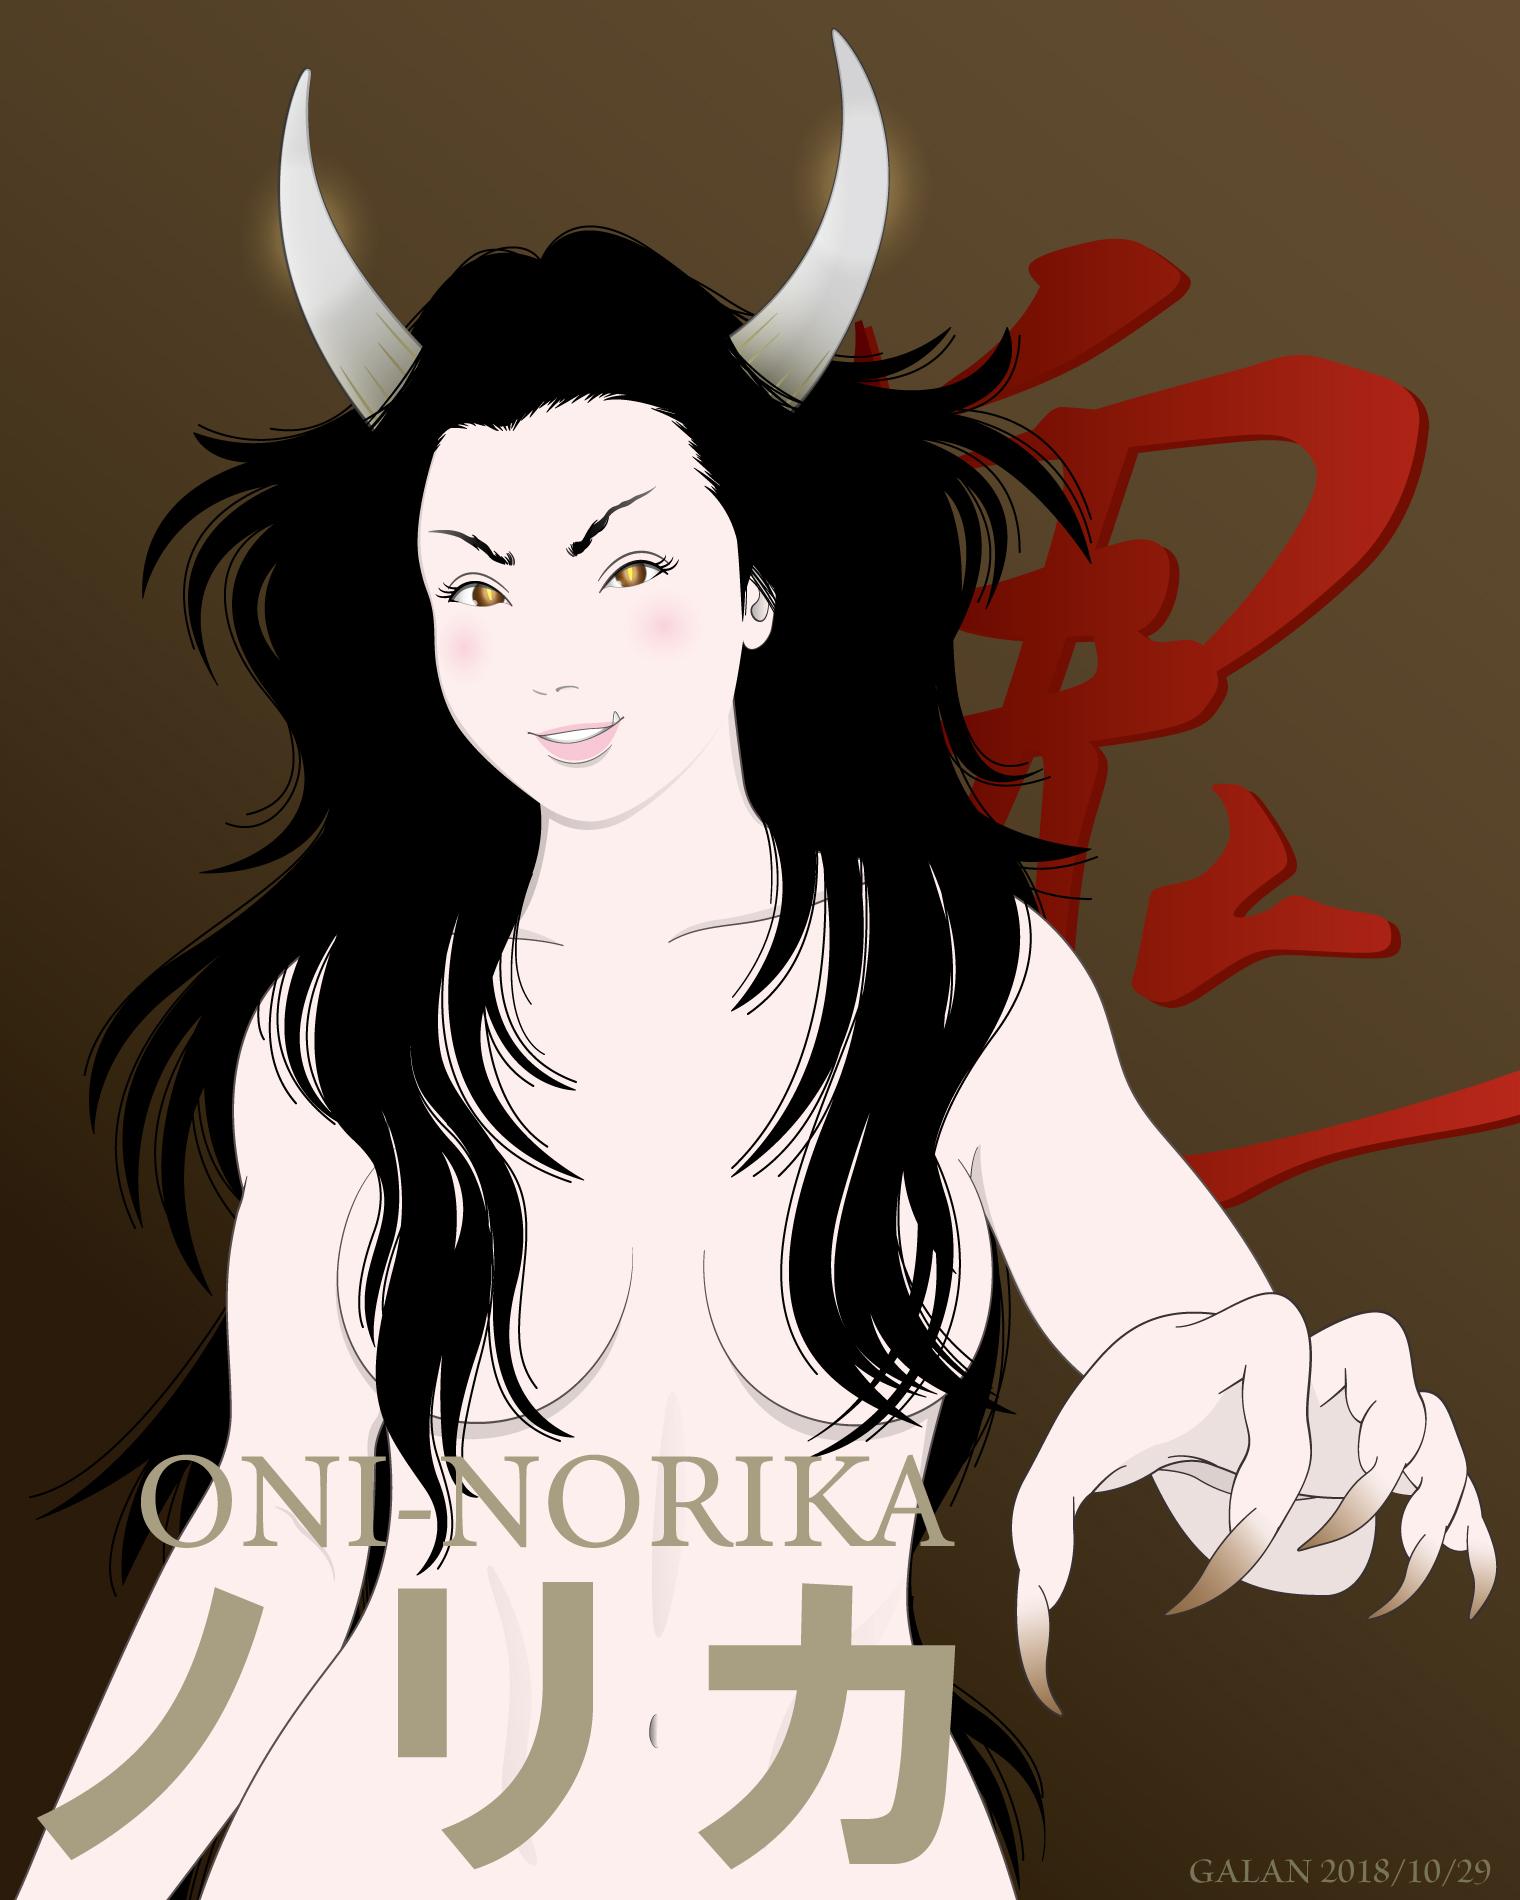 地獄の鬼ノリカ(color)ONI-NORIKA2